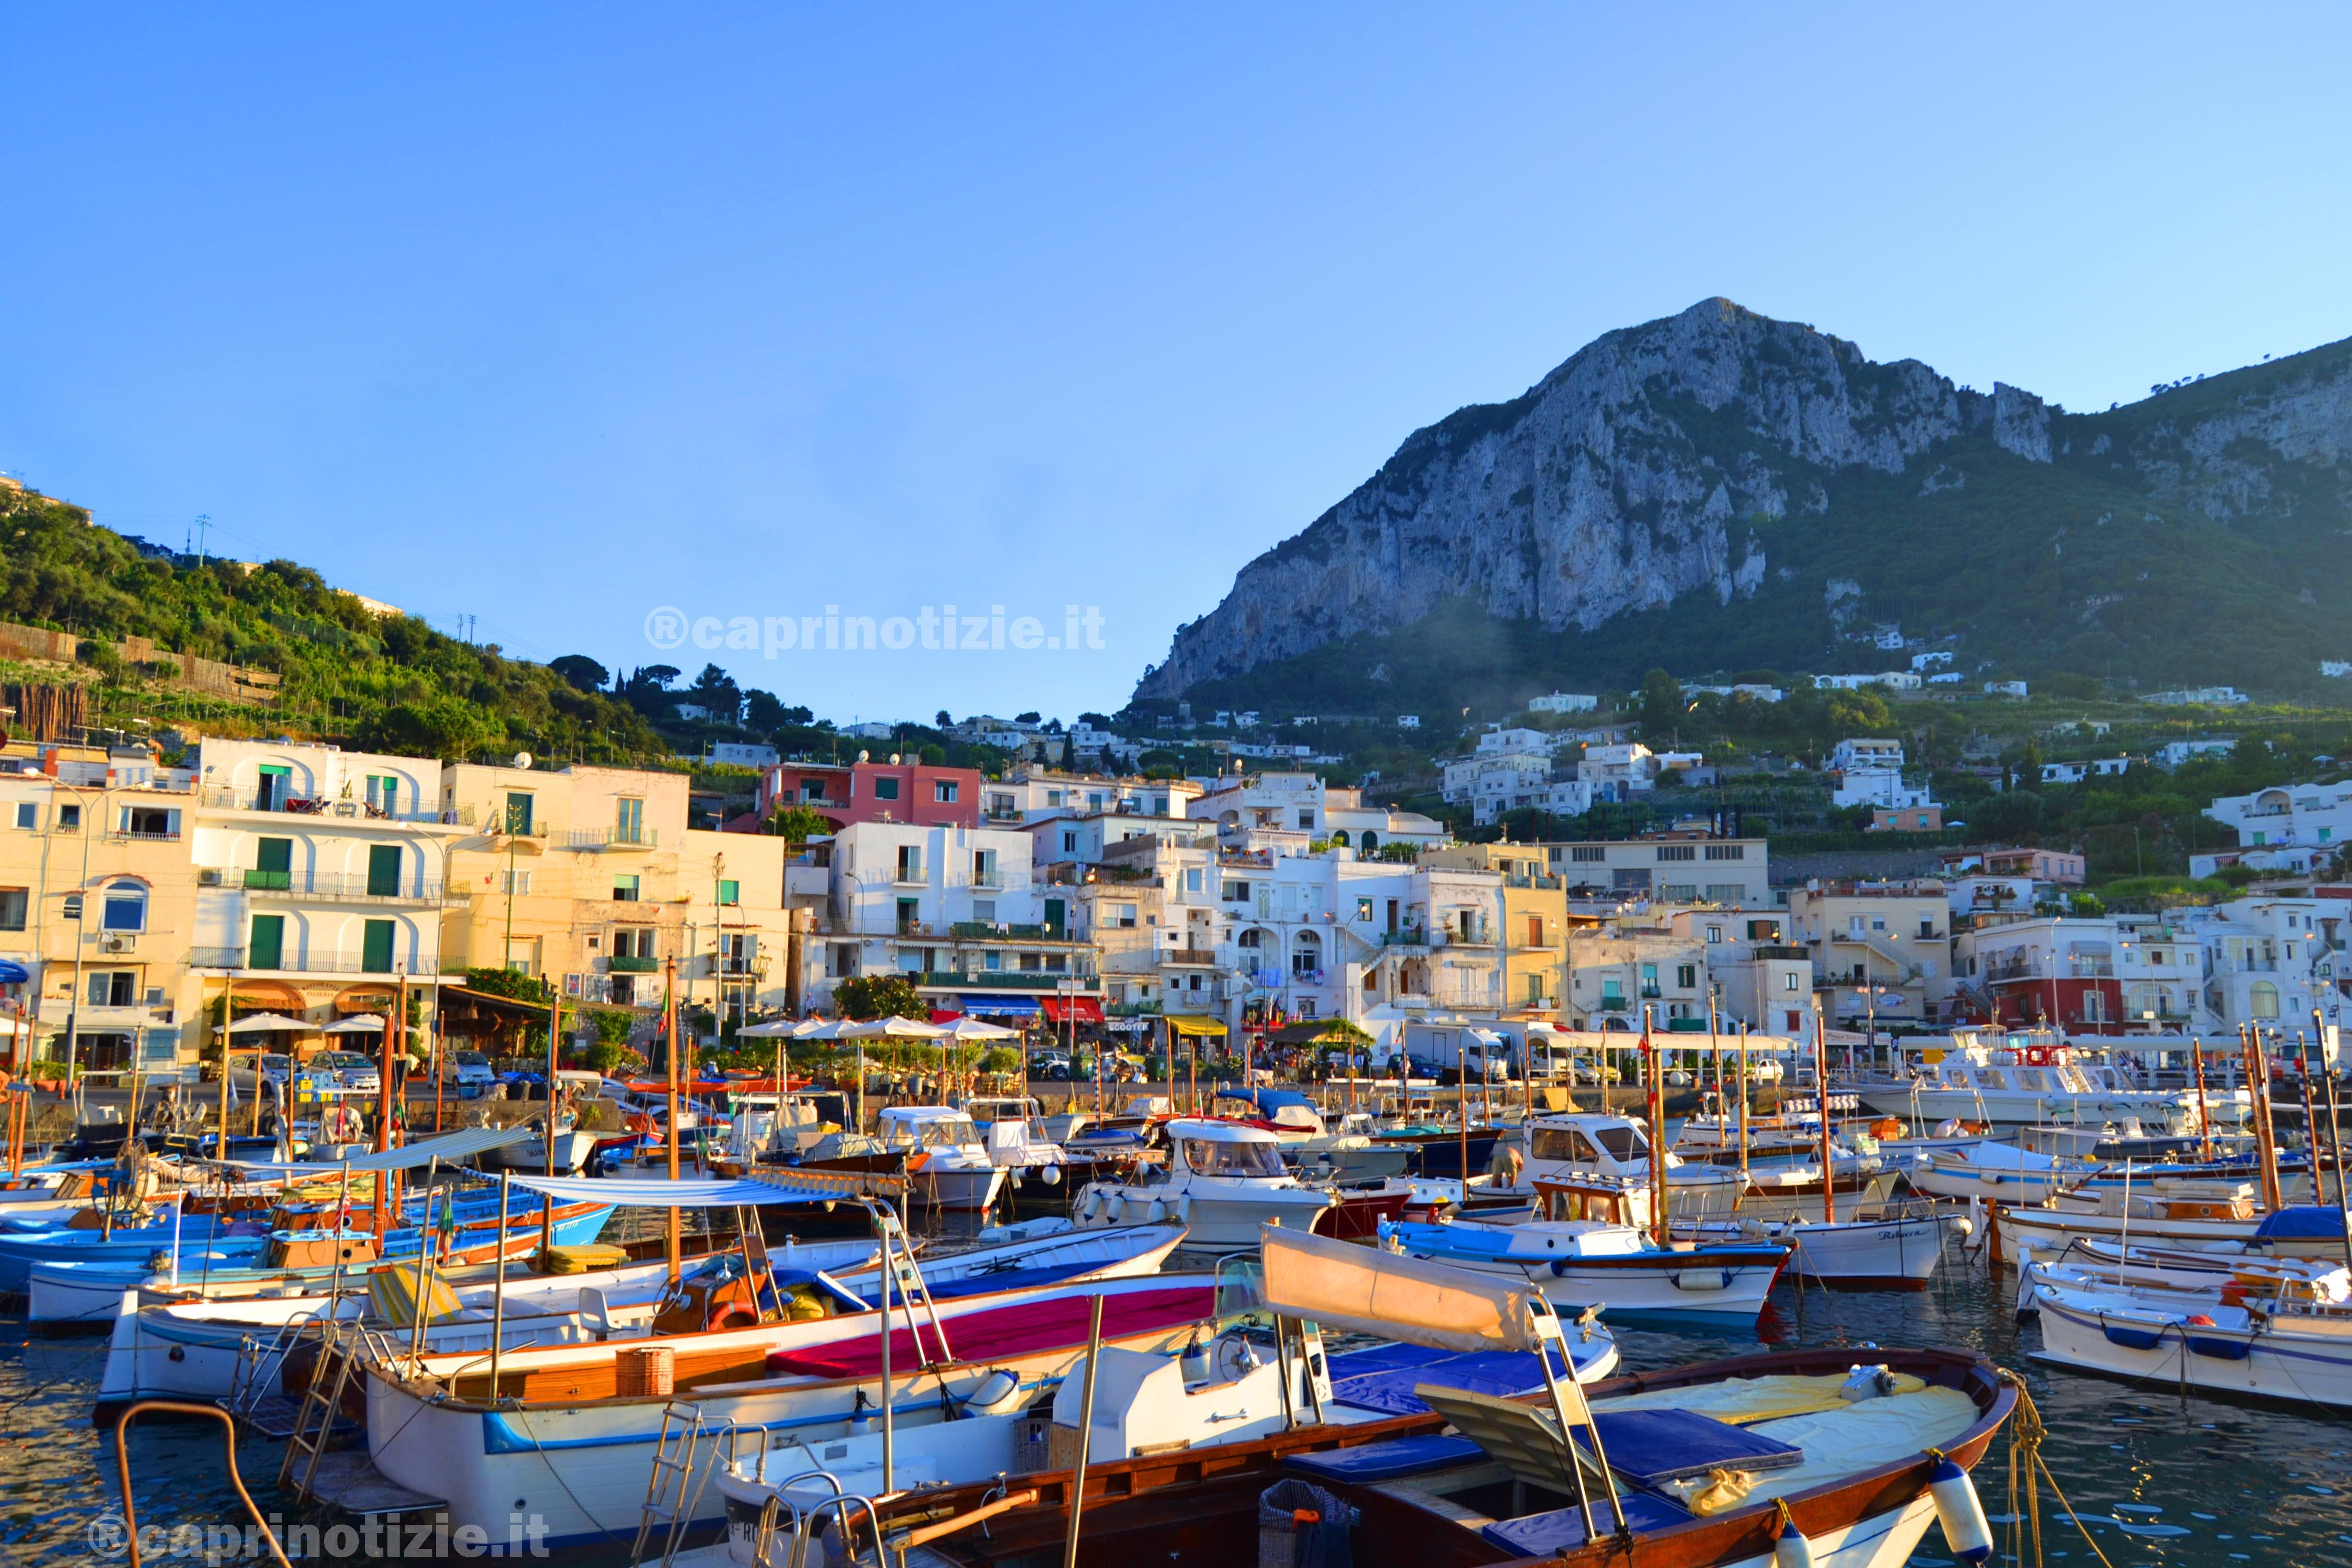 Le vacanze a Capri in autunno